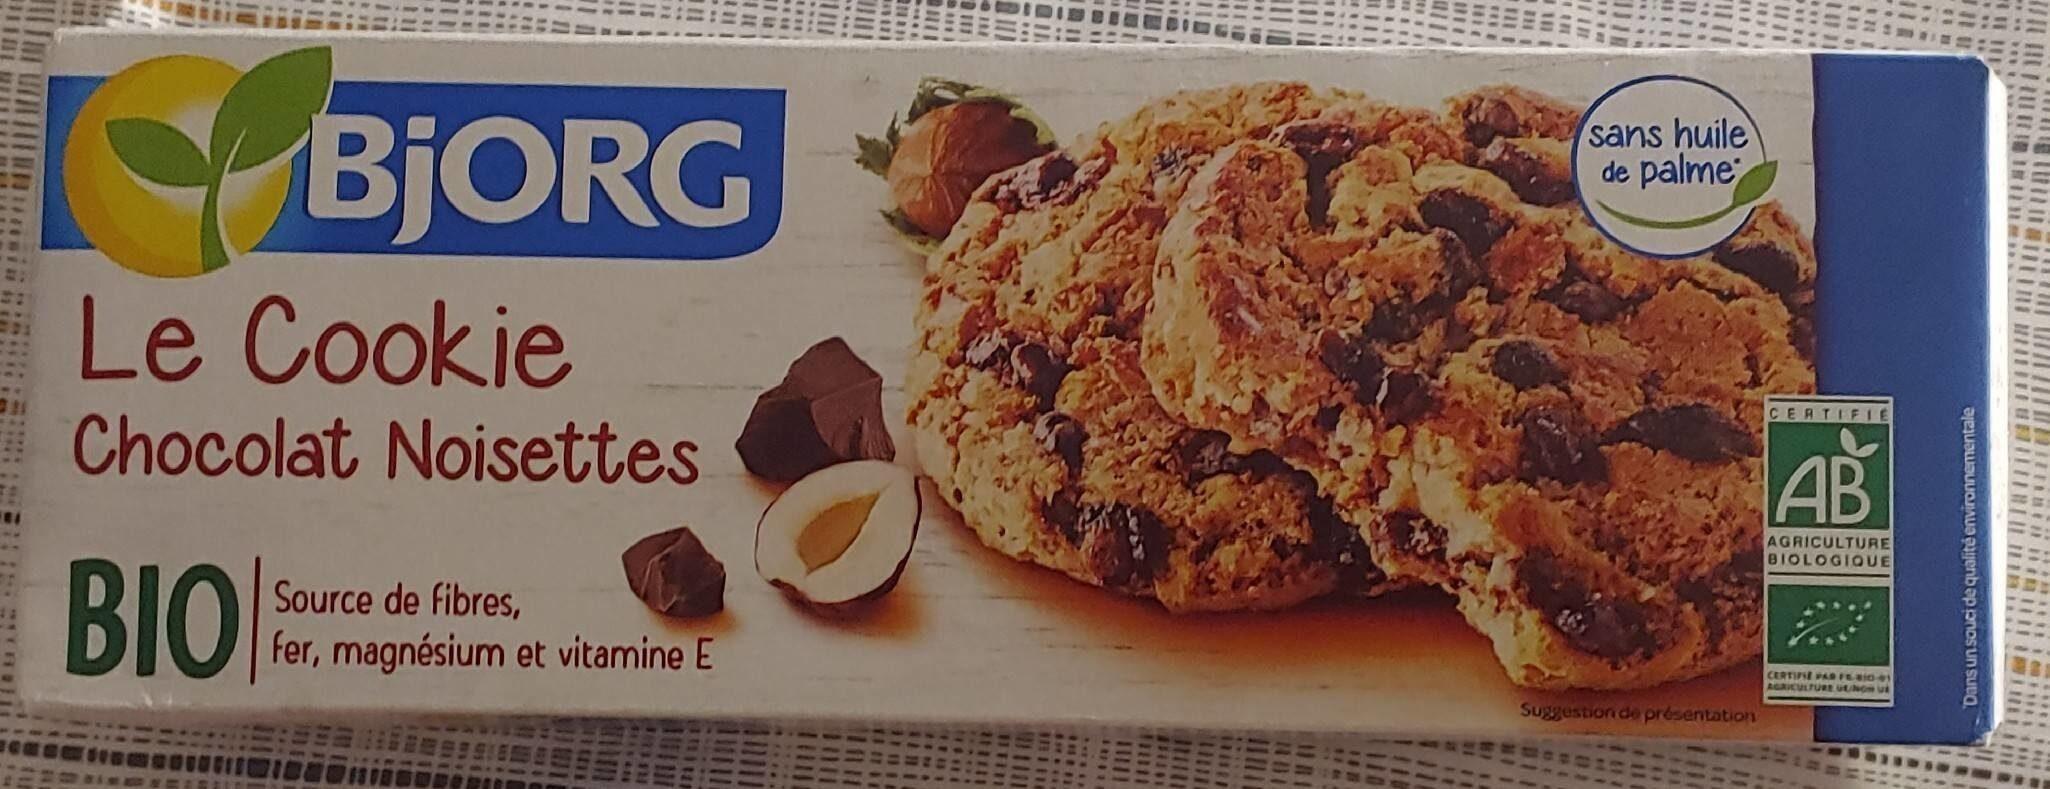 Le Cookie chocolat noisette - Product - fr